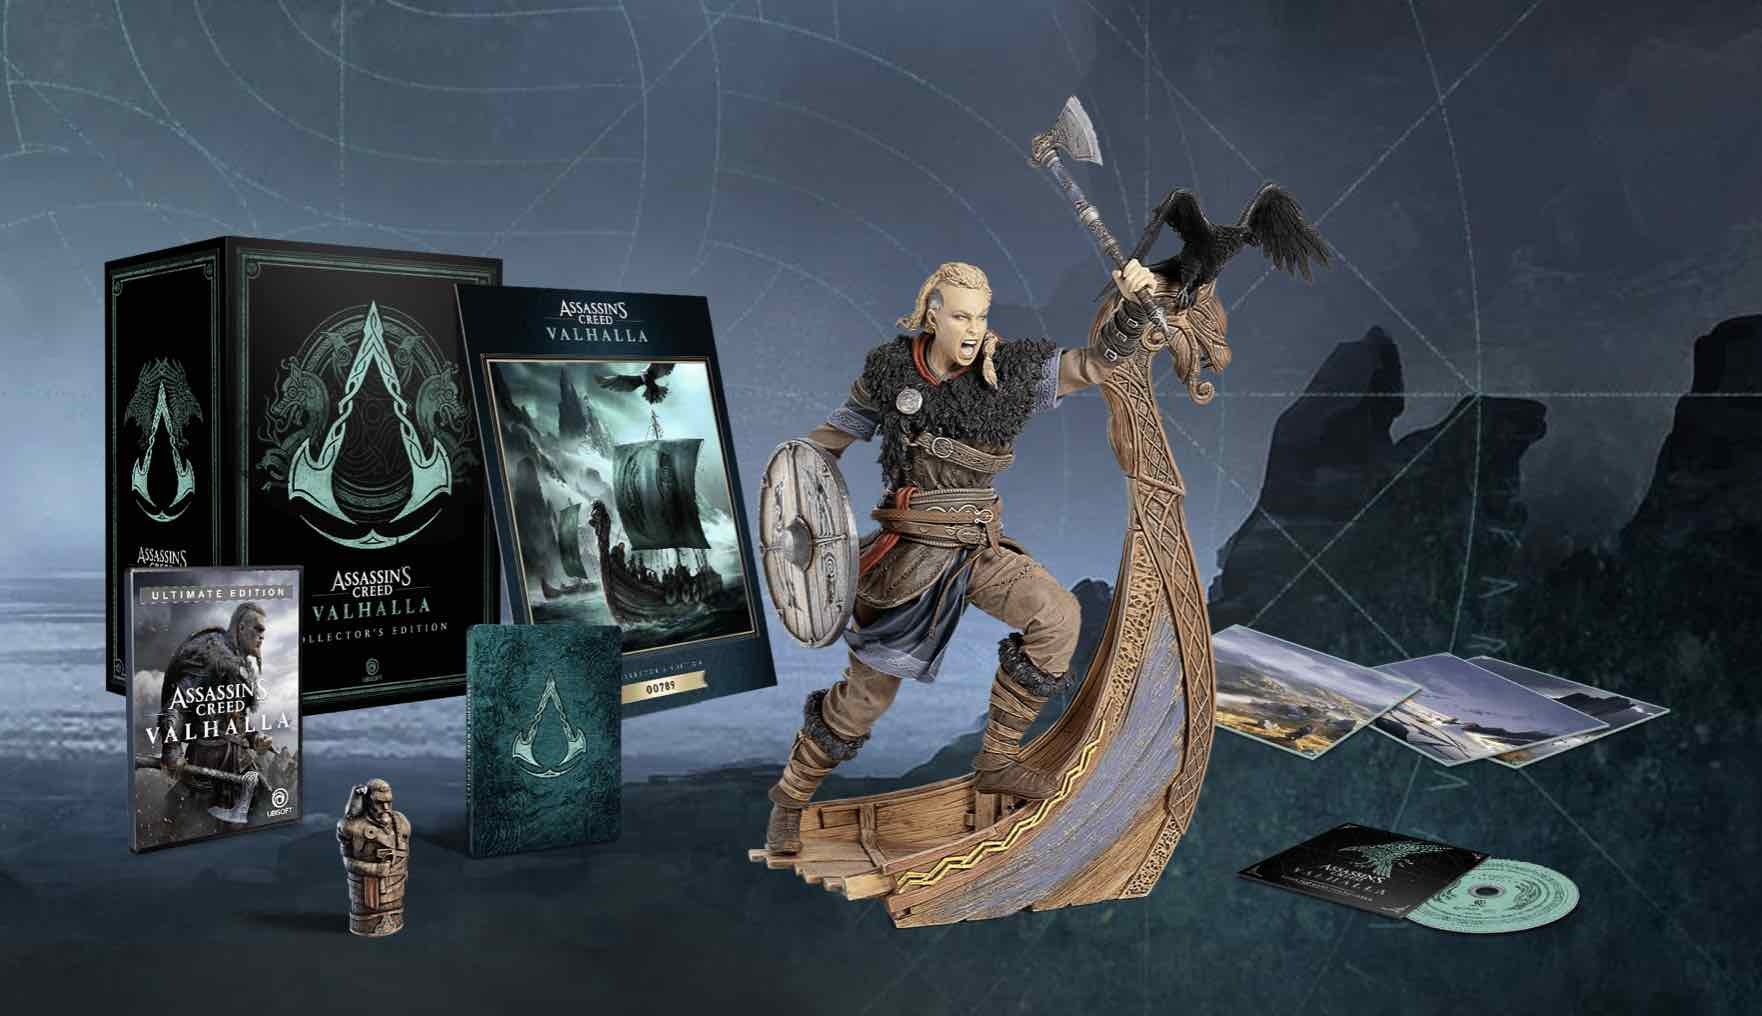 imagen de edición coleccionista de Assassin's Creed Valhalla collector's edition